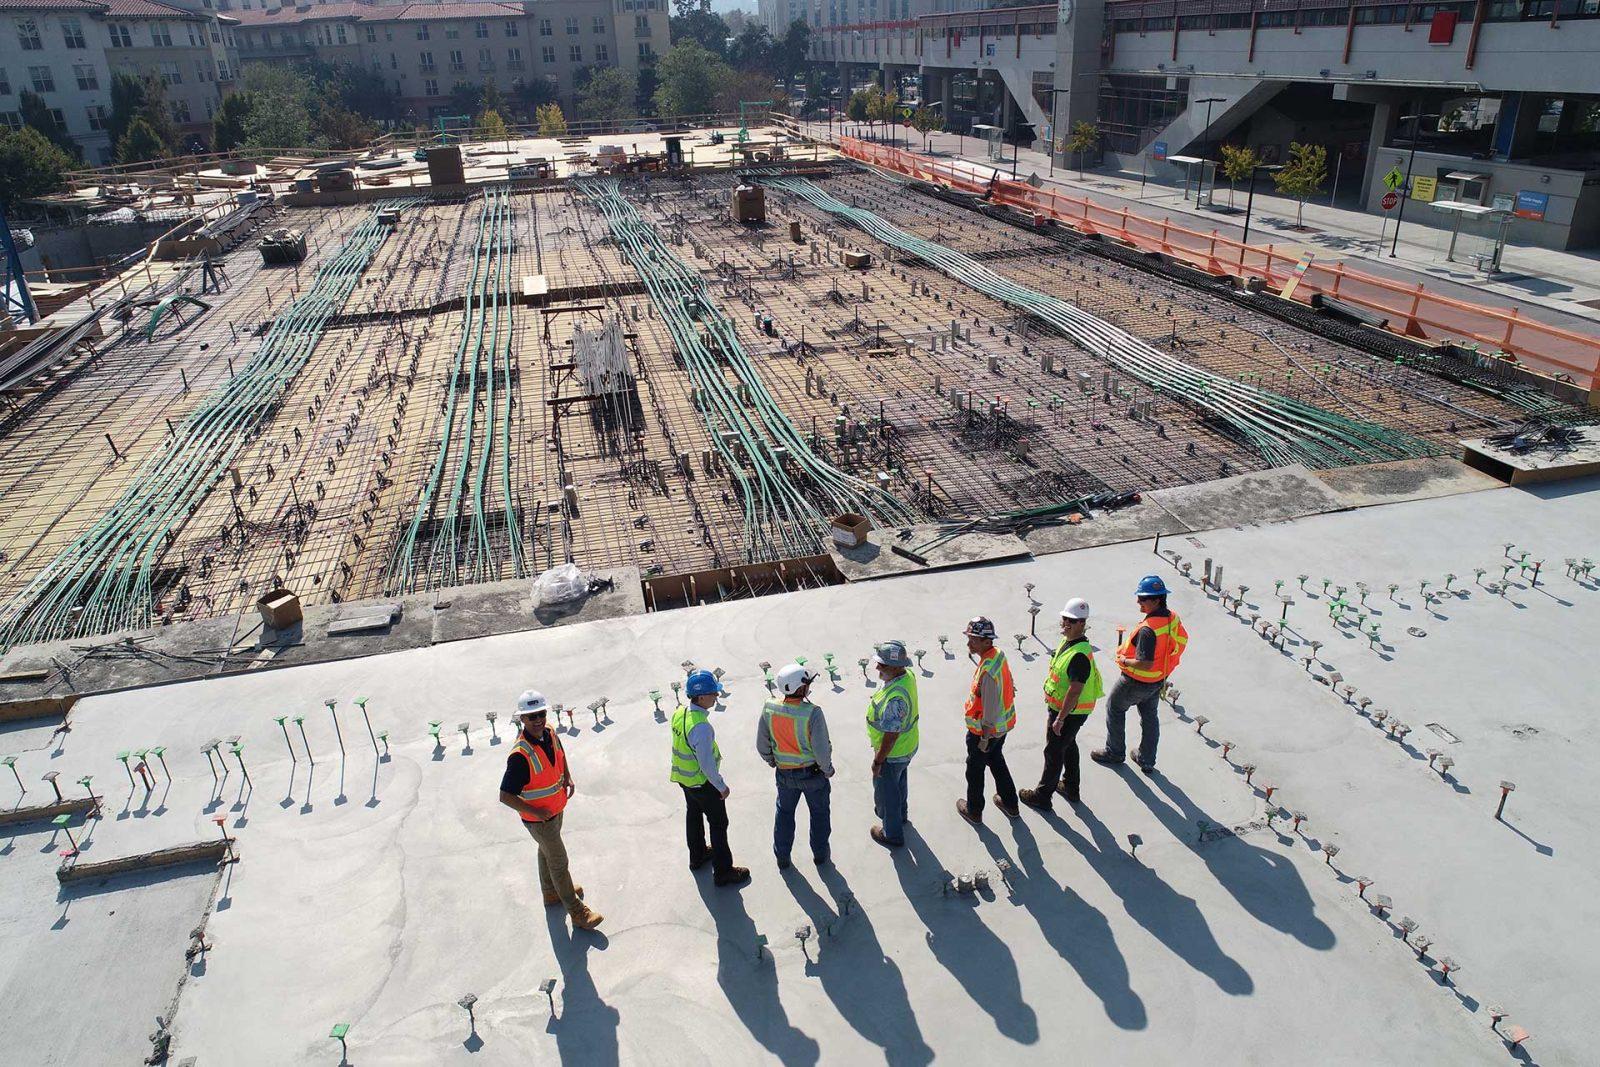 Kalp Construction